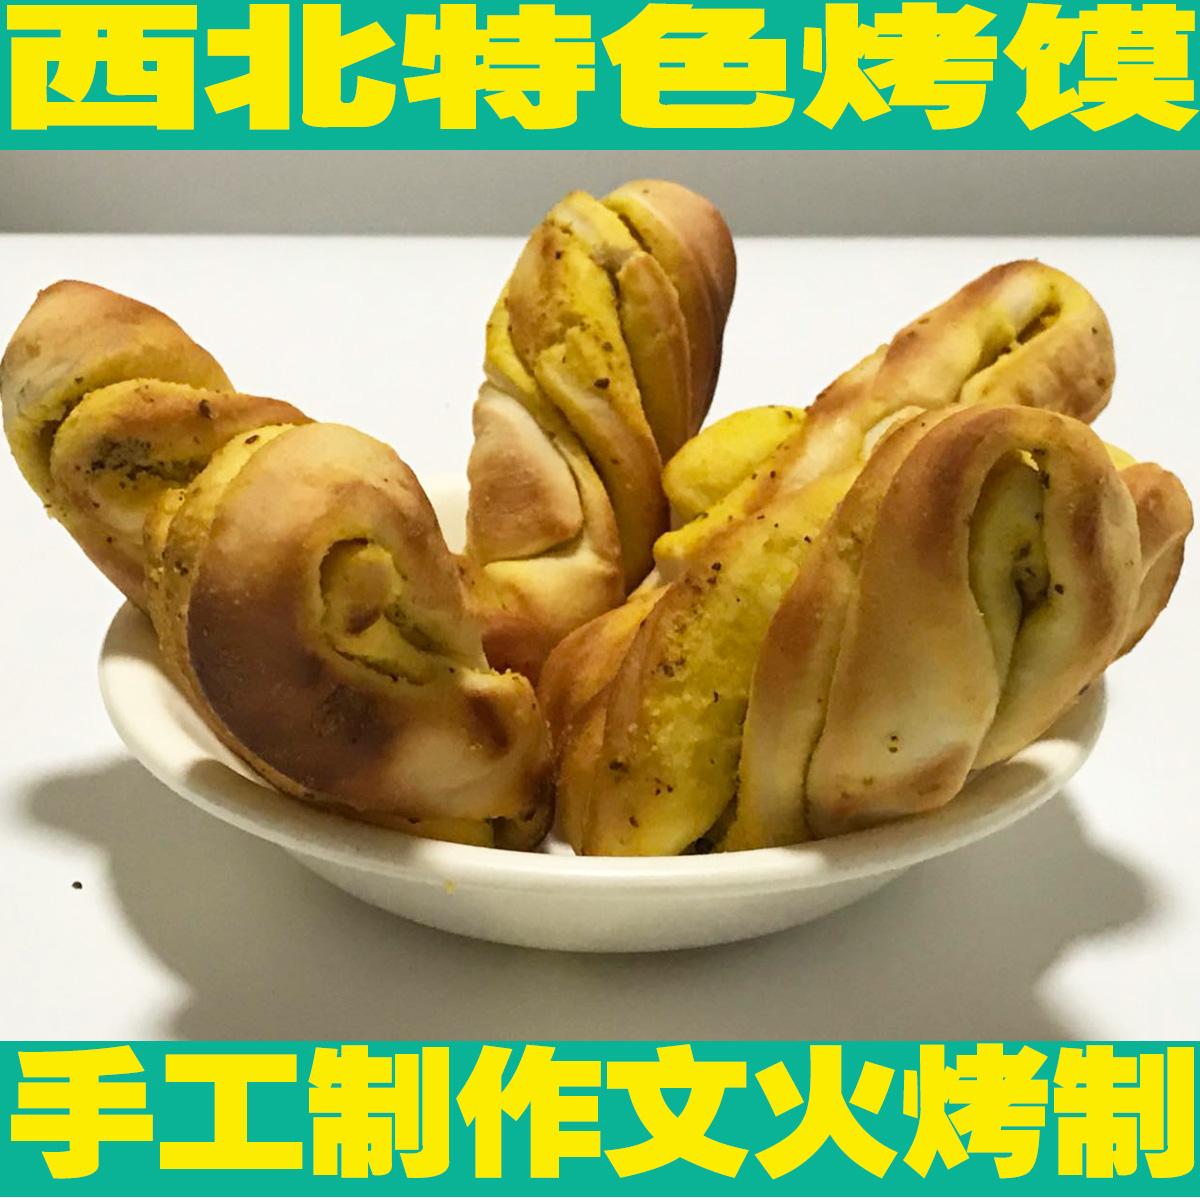 西北特产小吃美食烤花馍花卷烤馍手工制作干馍长条250g装 5份包邮